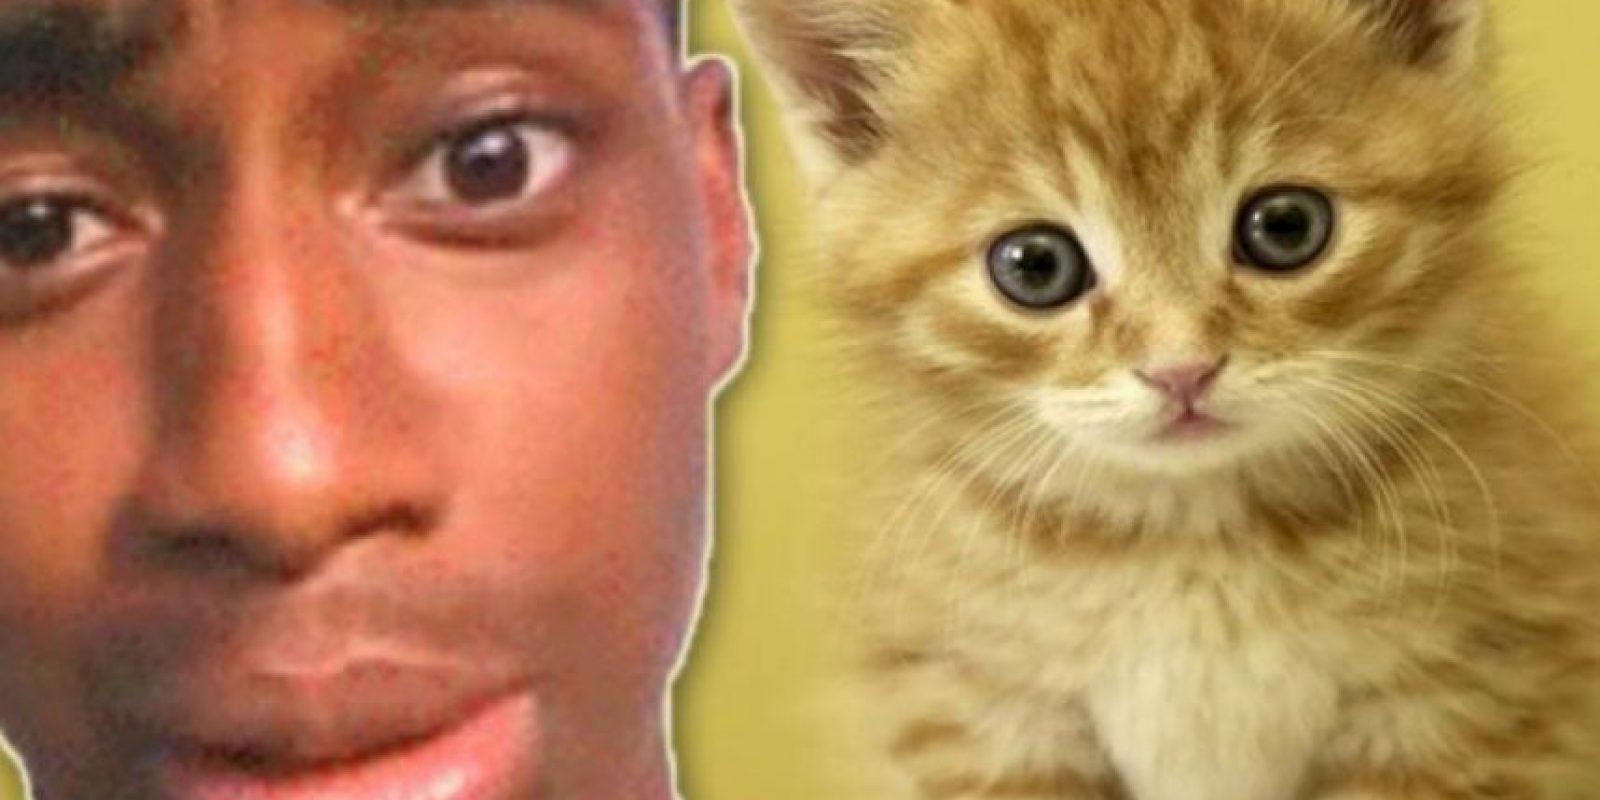 El adolescente que pateó a su gatito. Foto:Oddee